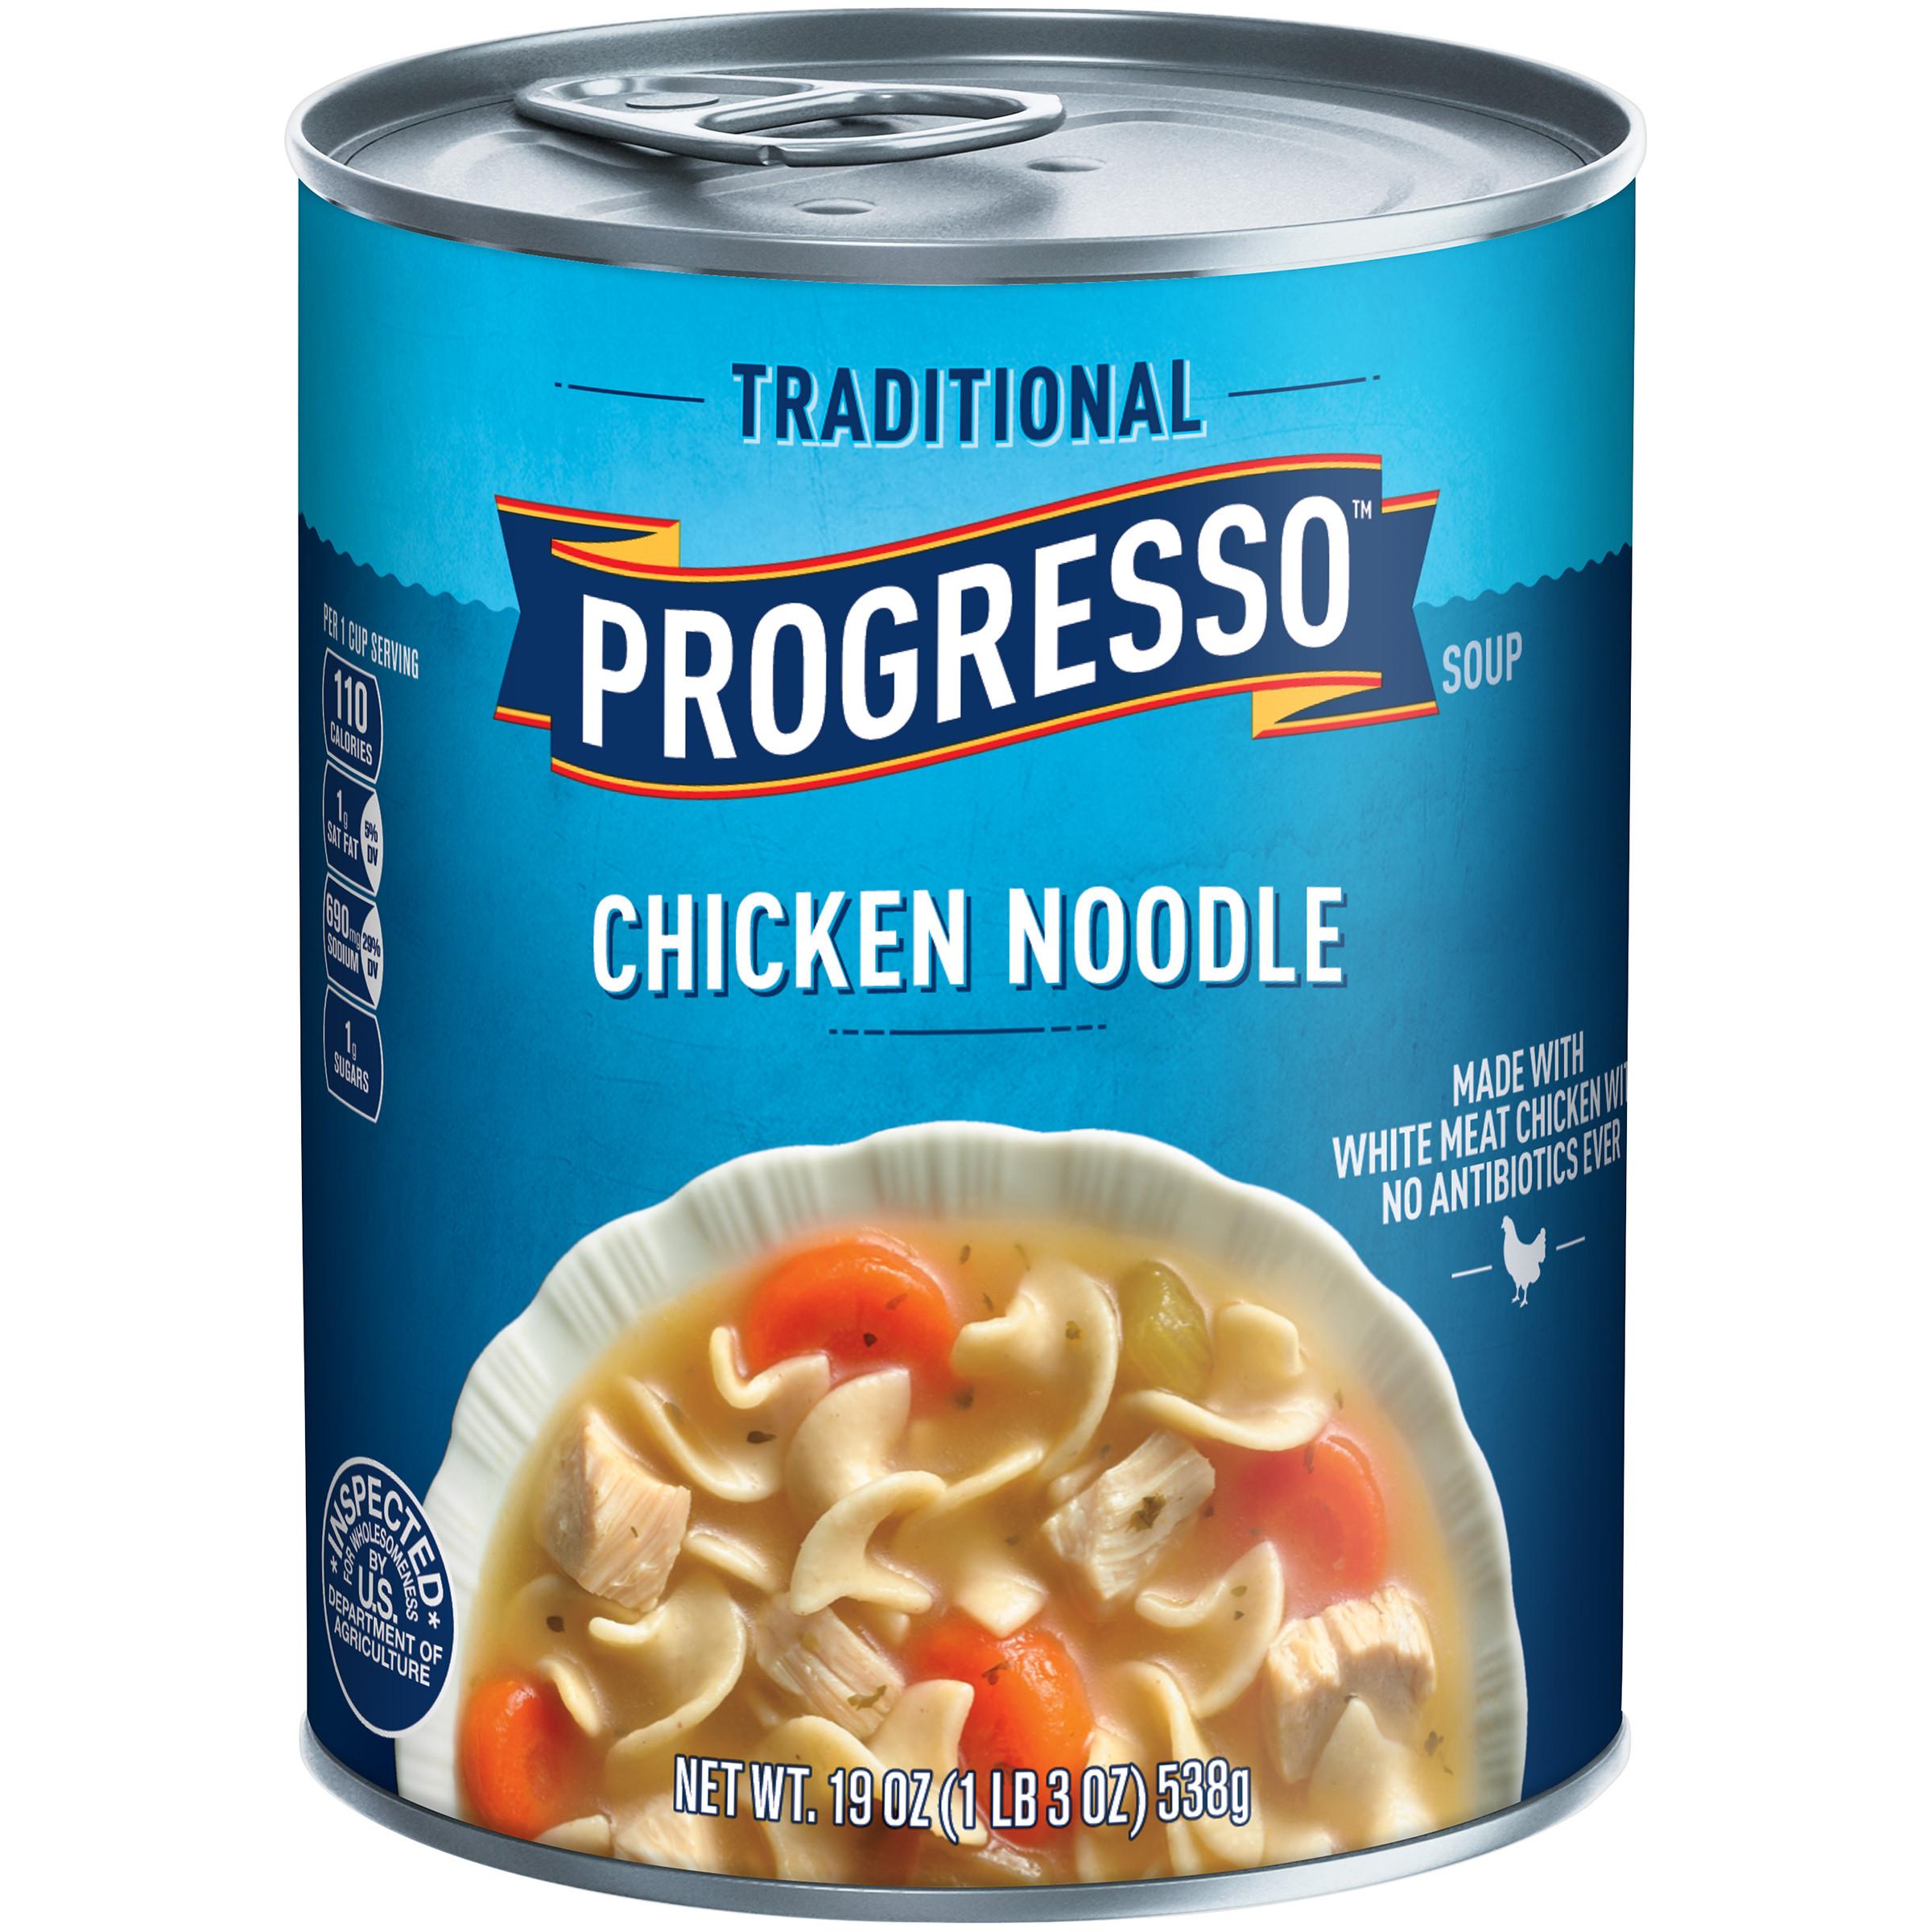 Progresso Chicken Noodle Soup  Progresso Traditional Soup Chicken Noodle 19 oz 1 lb 3